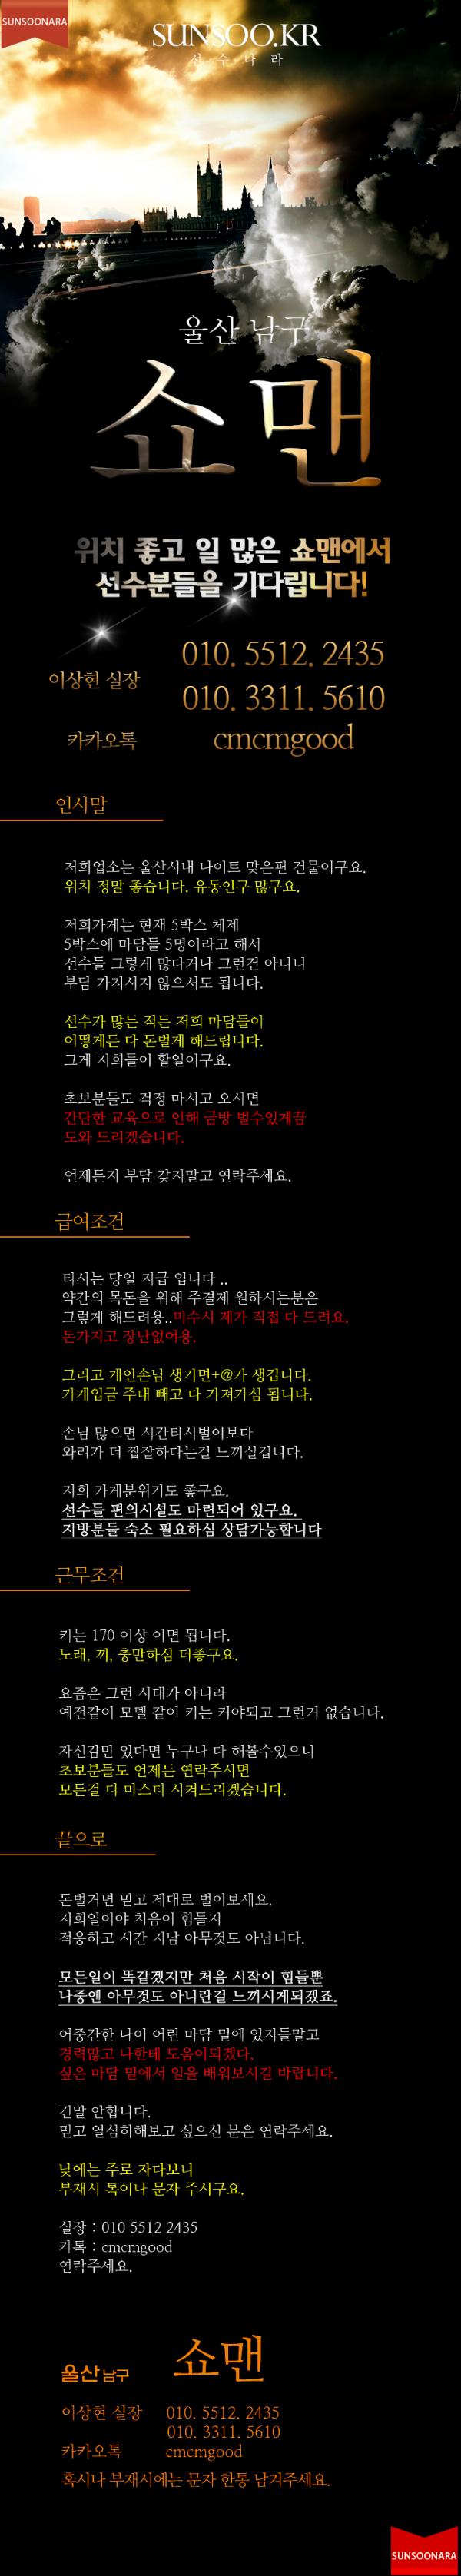 울산 쇼맨.png